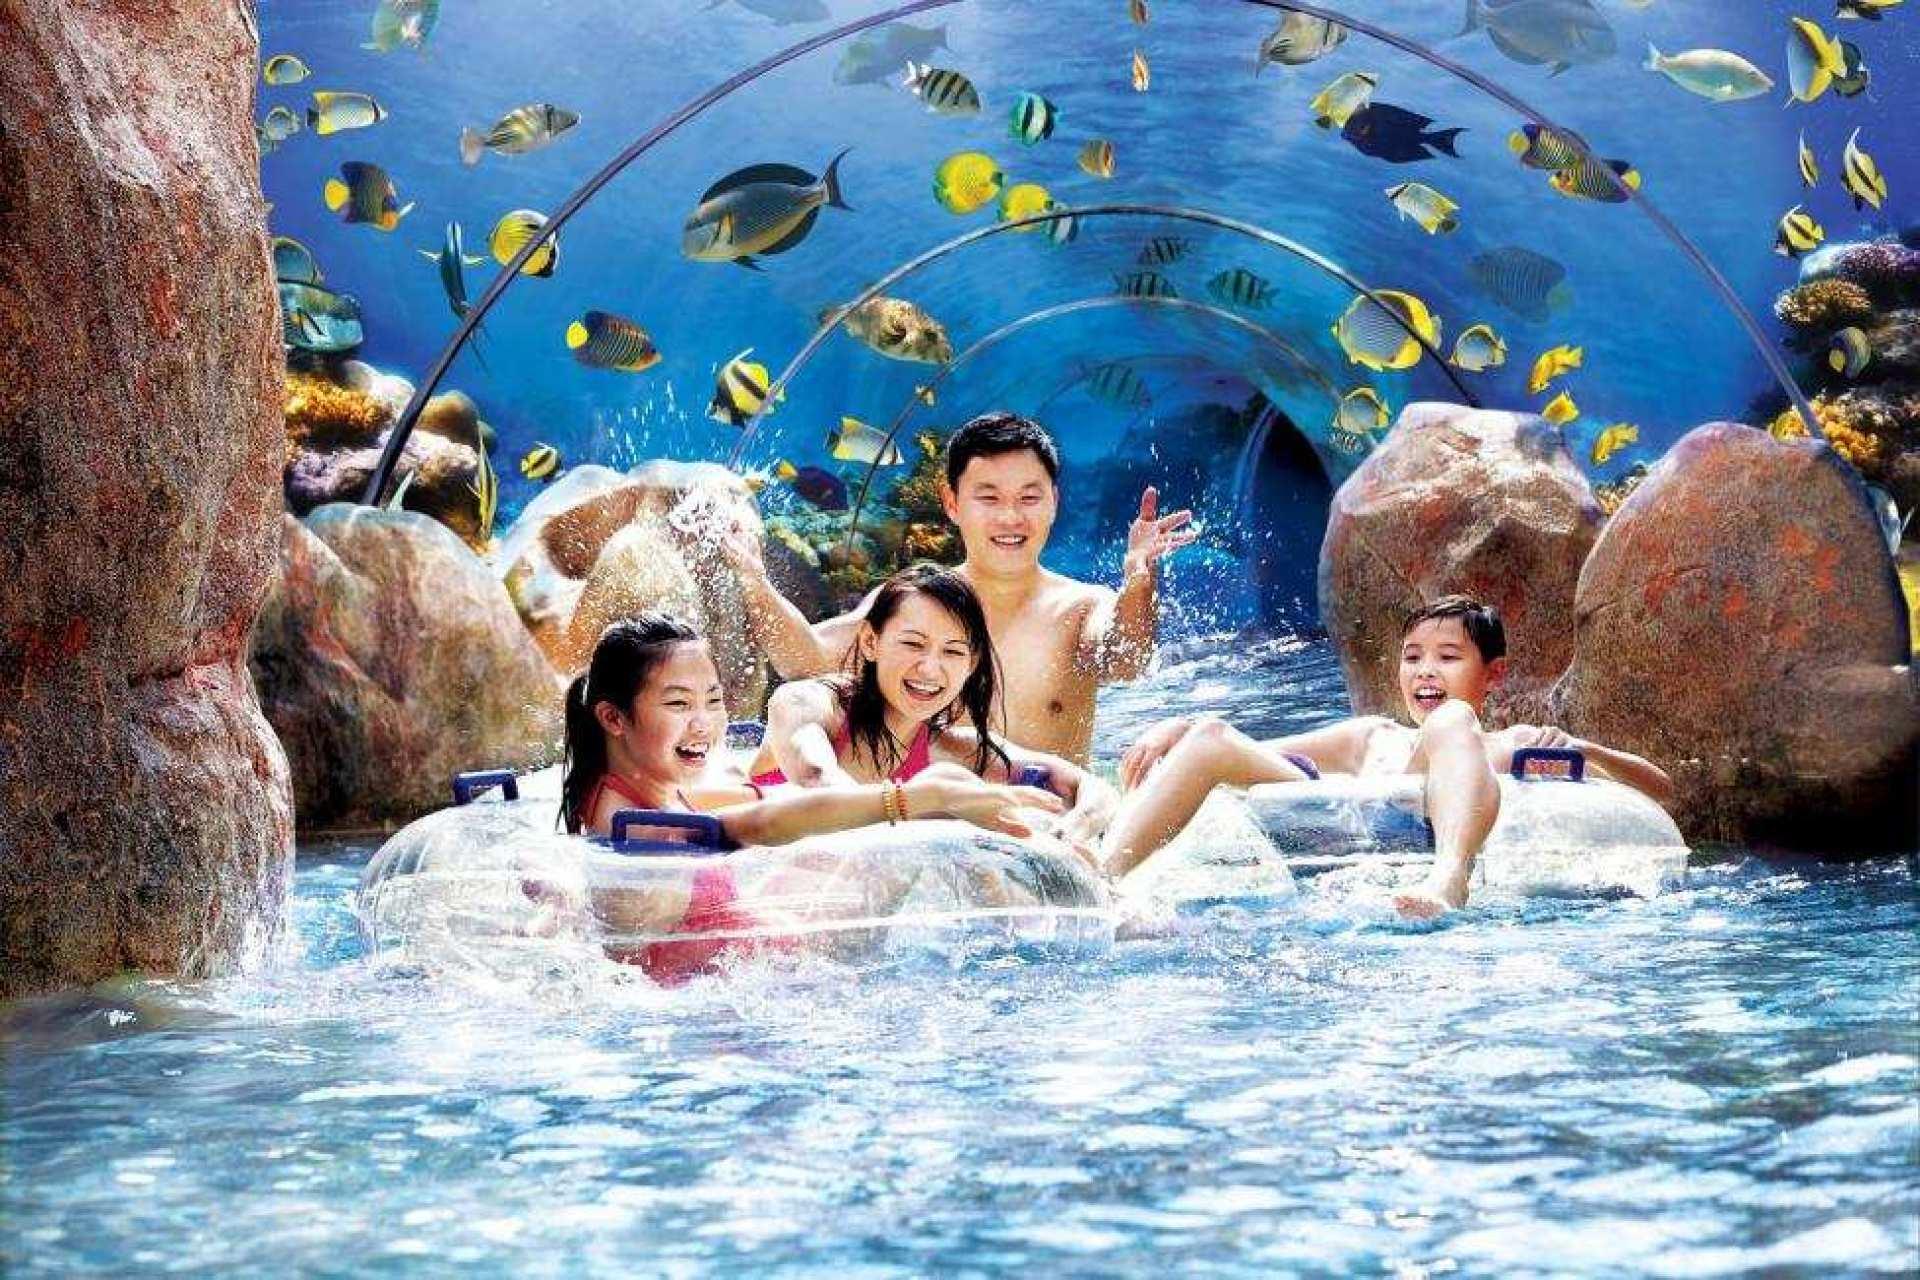 【聖淘沙名勝世界】新加坡水上探險樂園門票